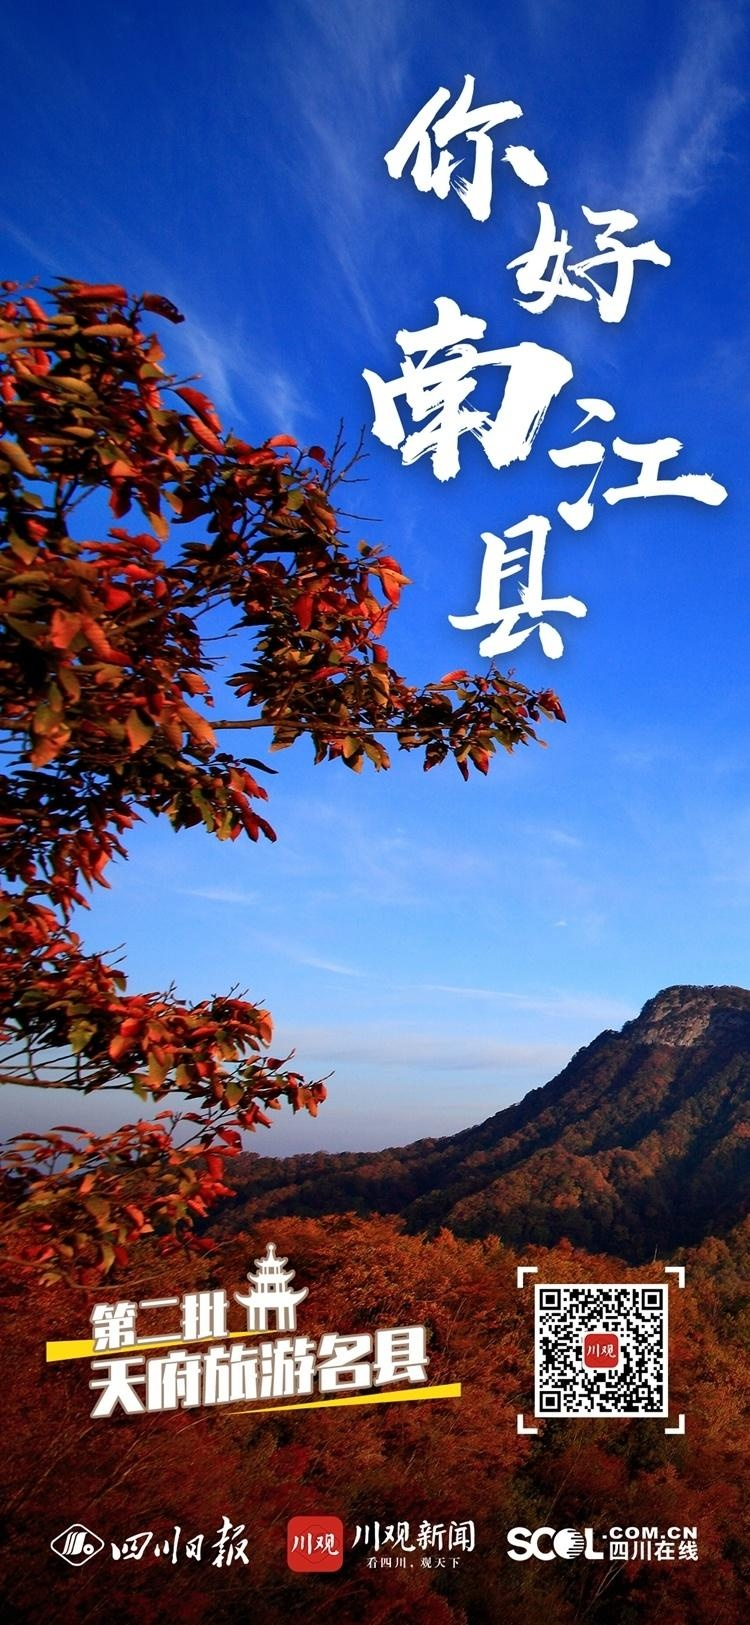 古道画廊,山水南江!南江县正式获评天府旅游名县并被授牌!